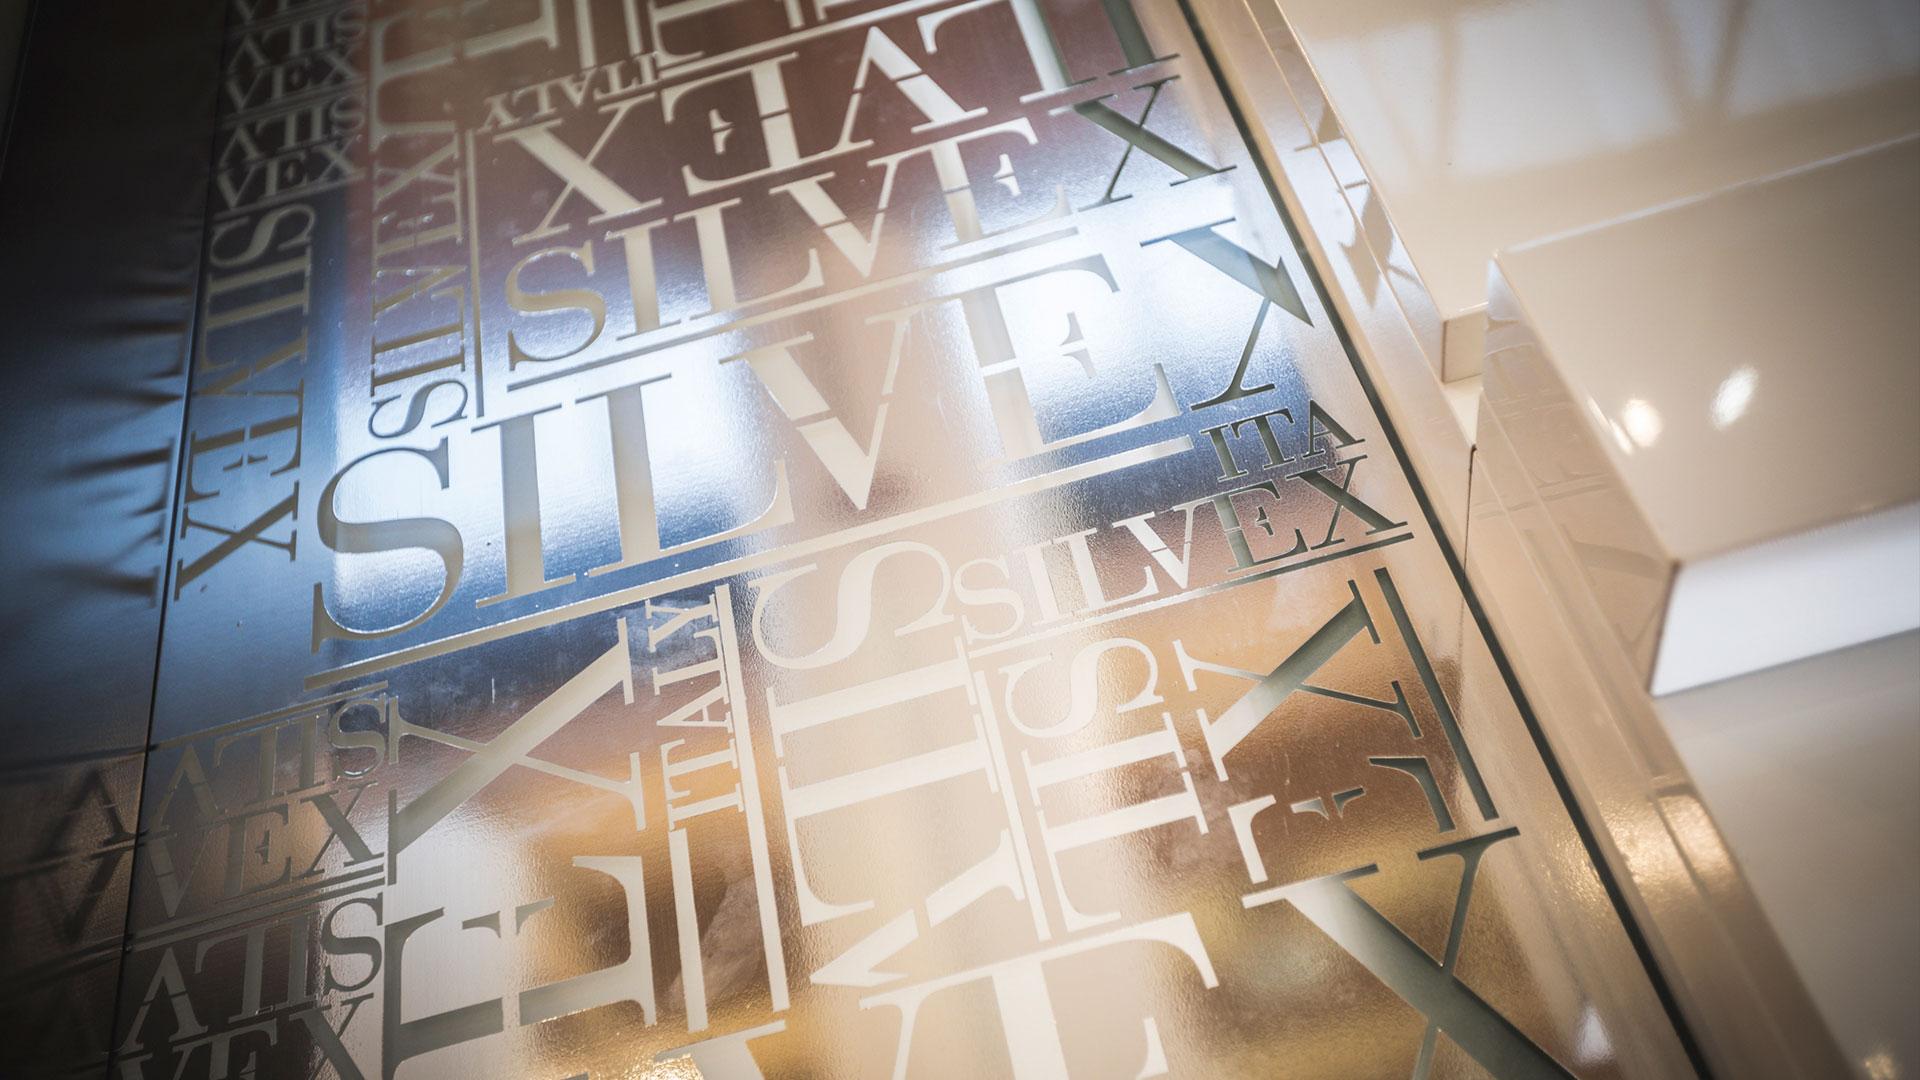 Progettazione stand fiera VicenzaOro - Silvex | Foster Allestimenti 02